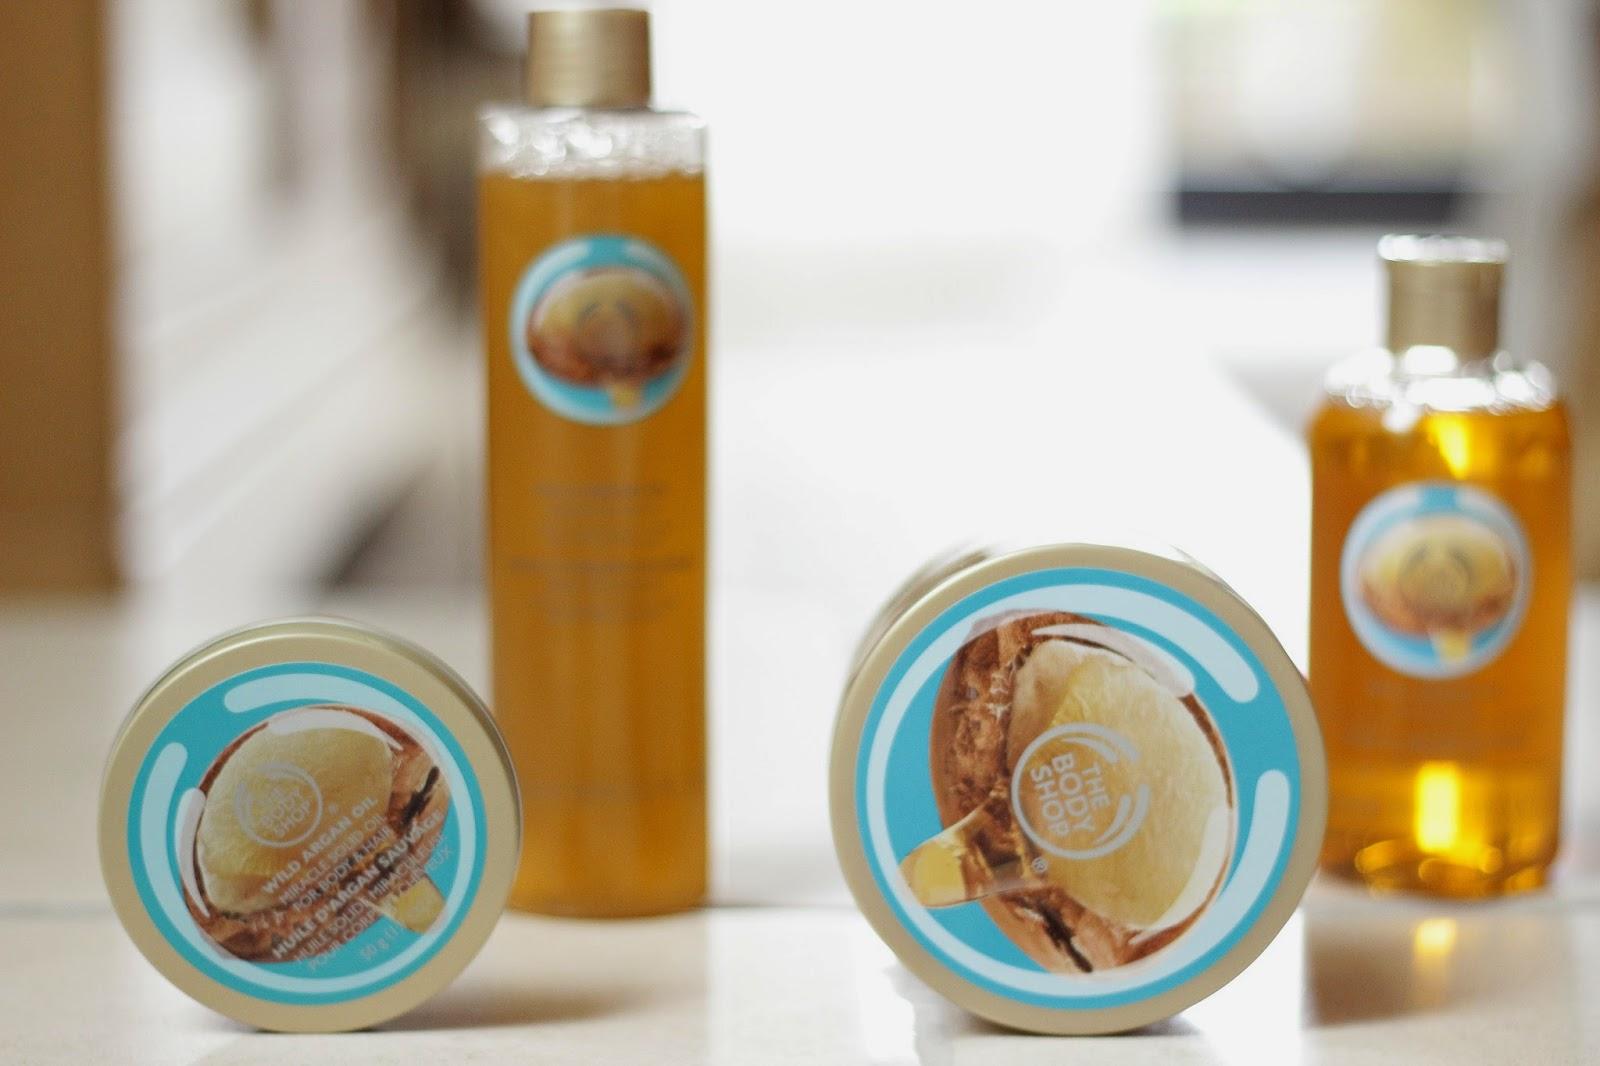 the body shop wild argan oil collection